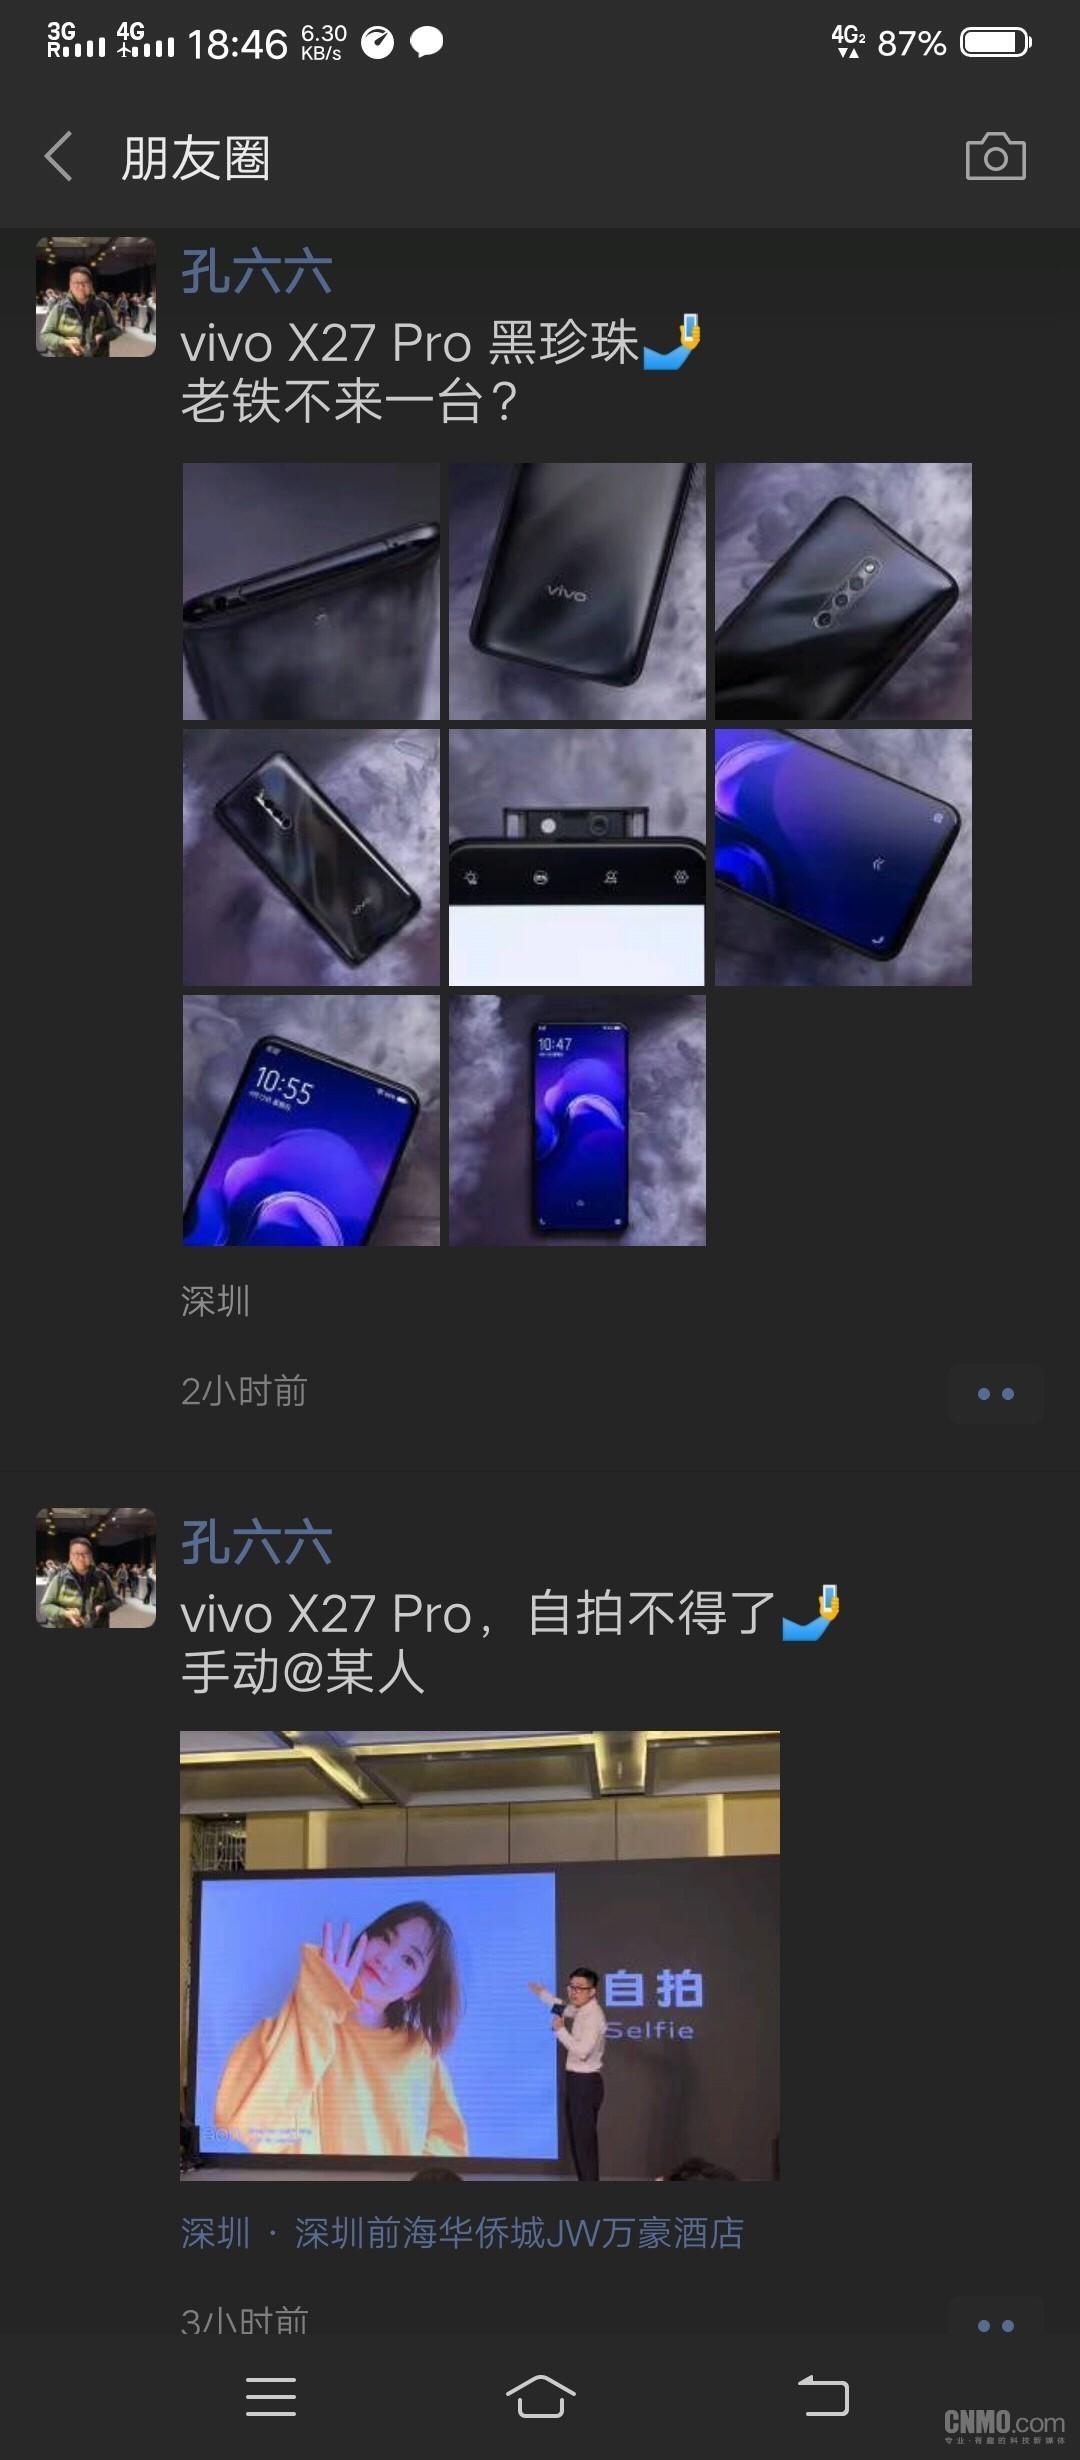 vivoX27Pro手机功能界面第8张